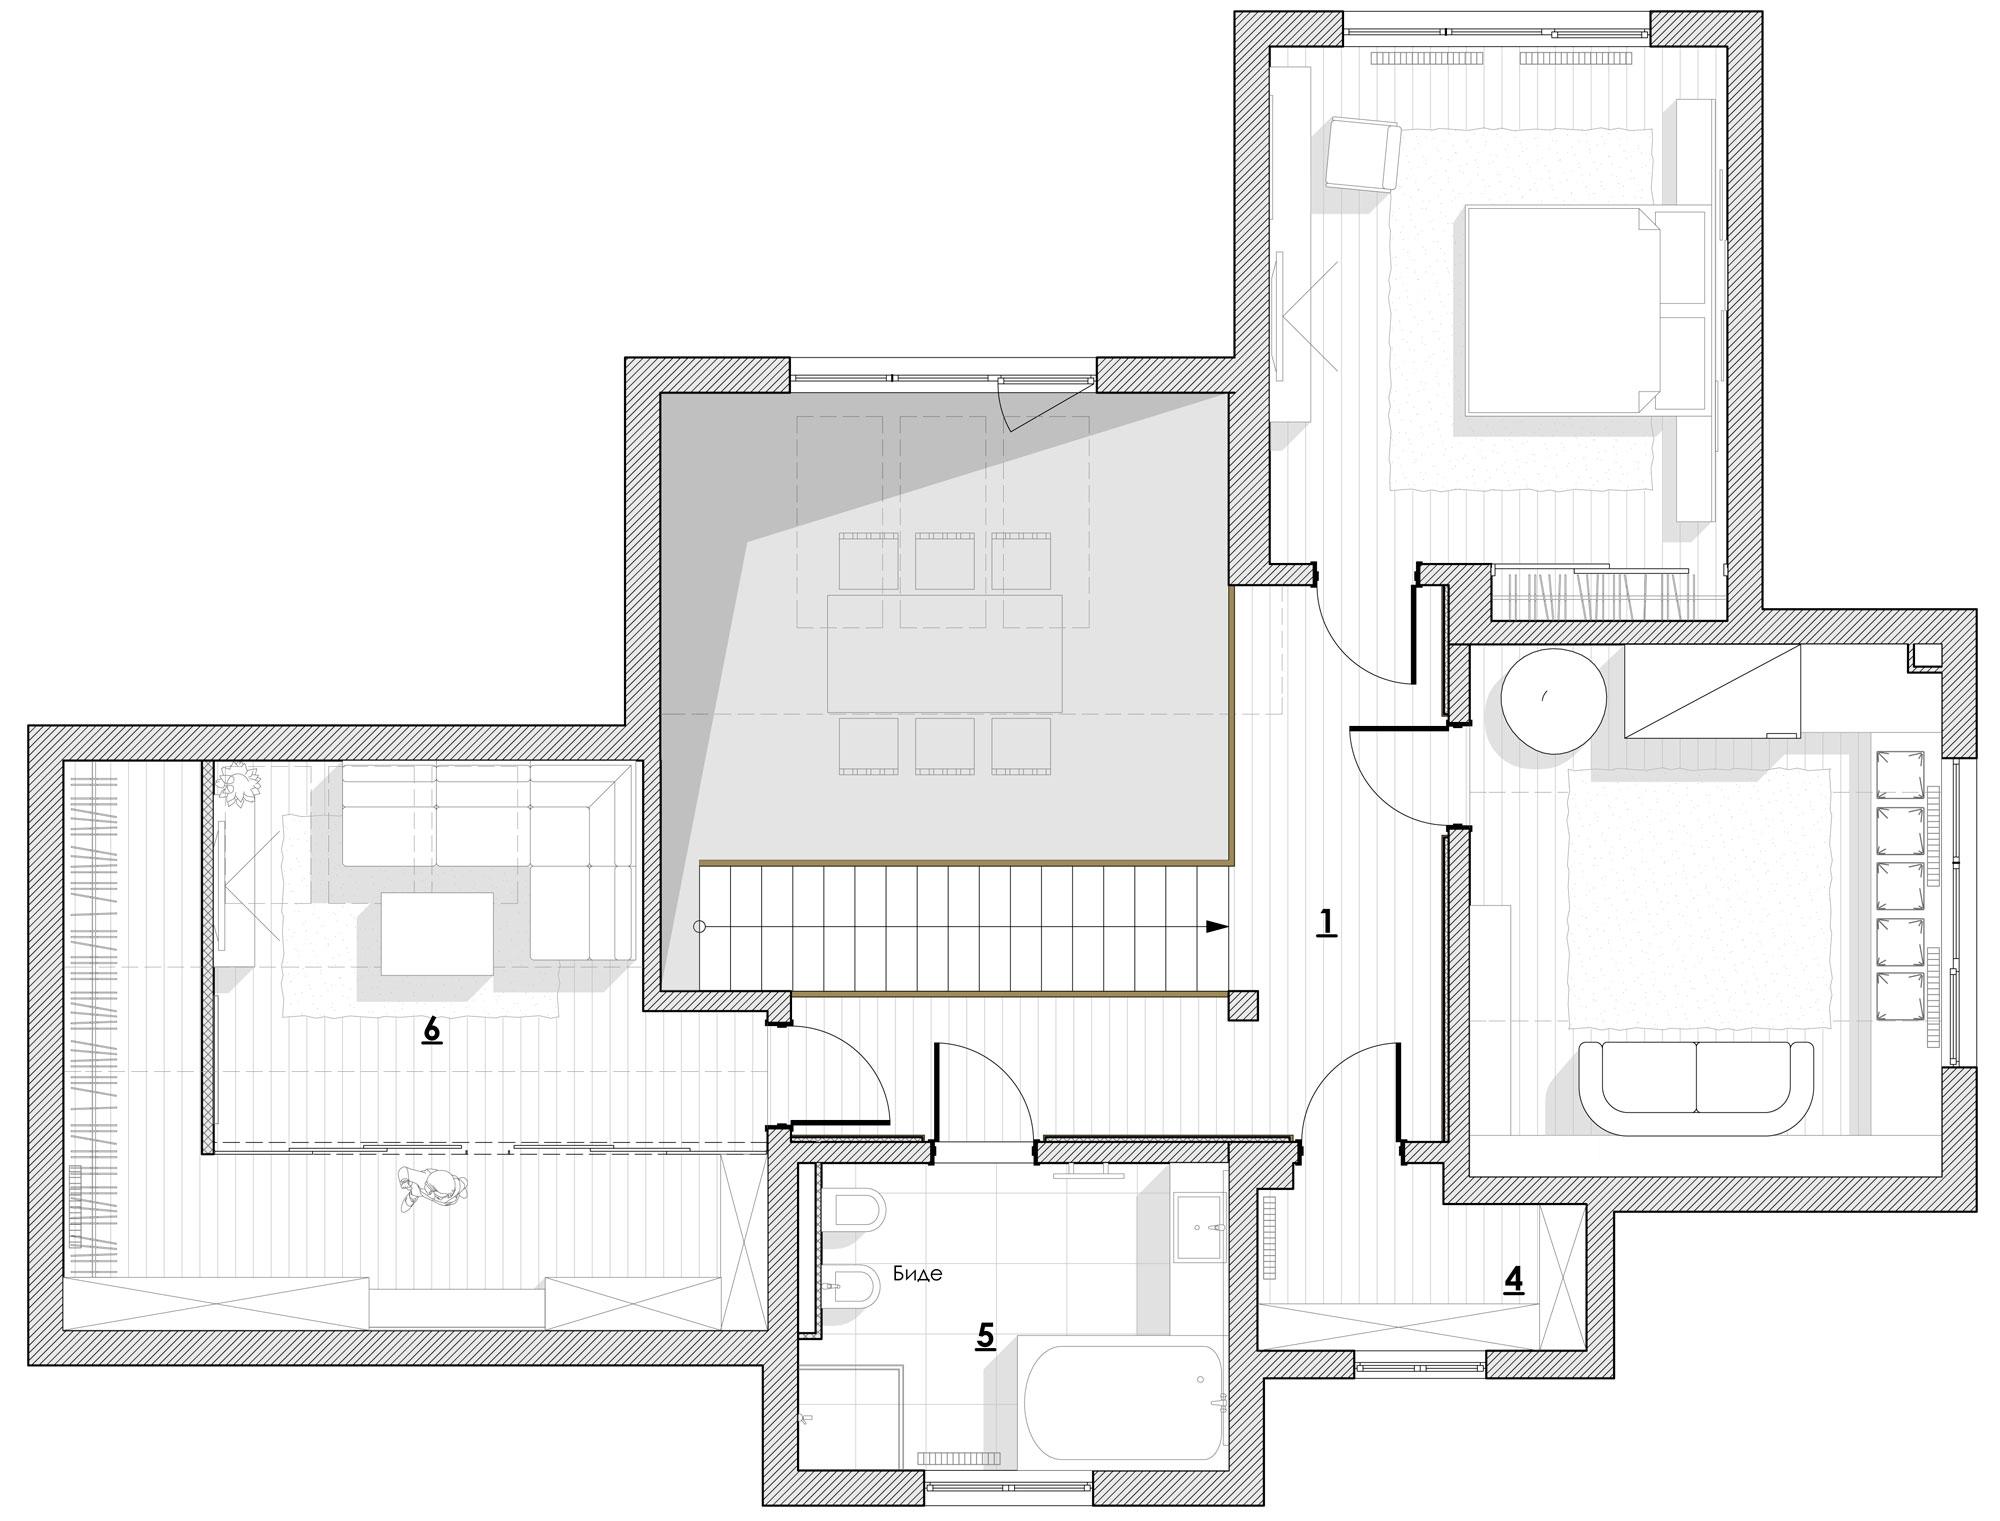 White SVOYA Studio-20